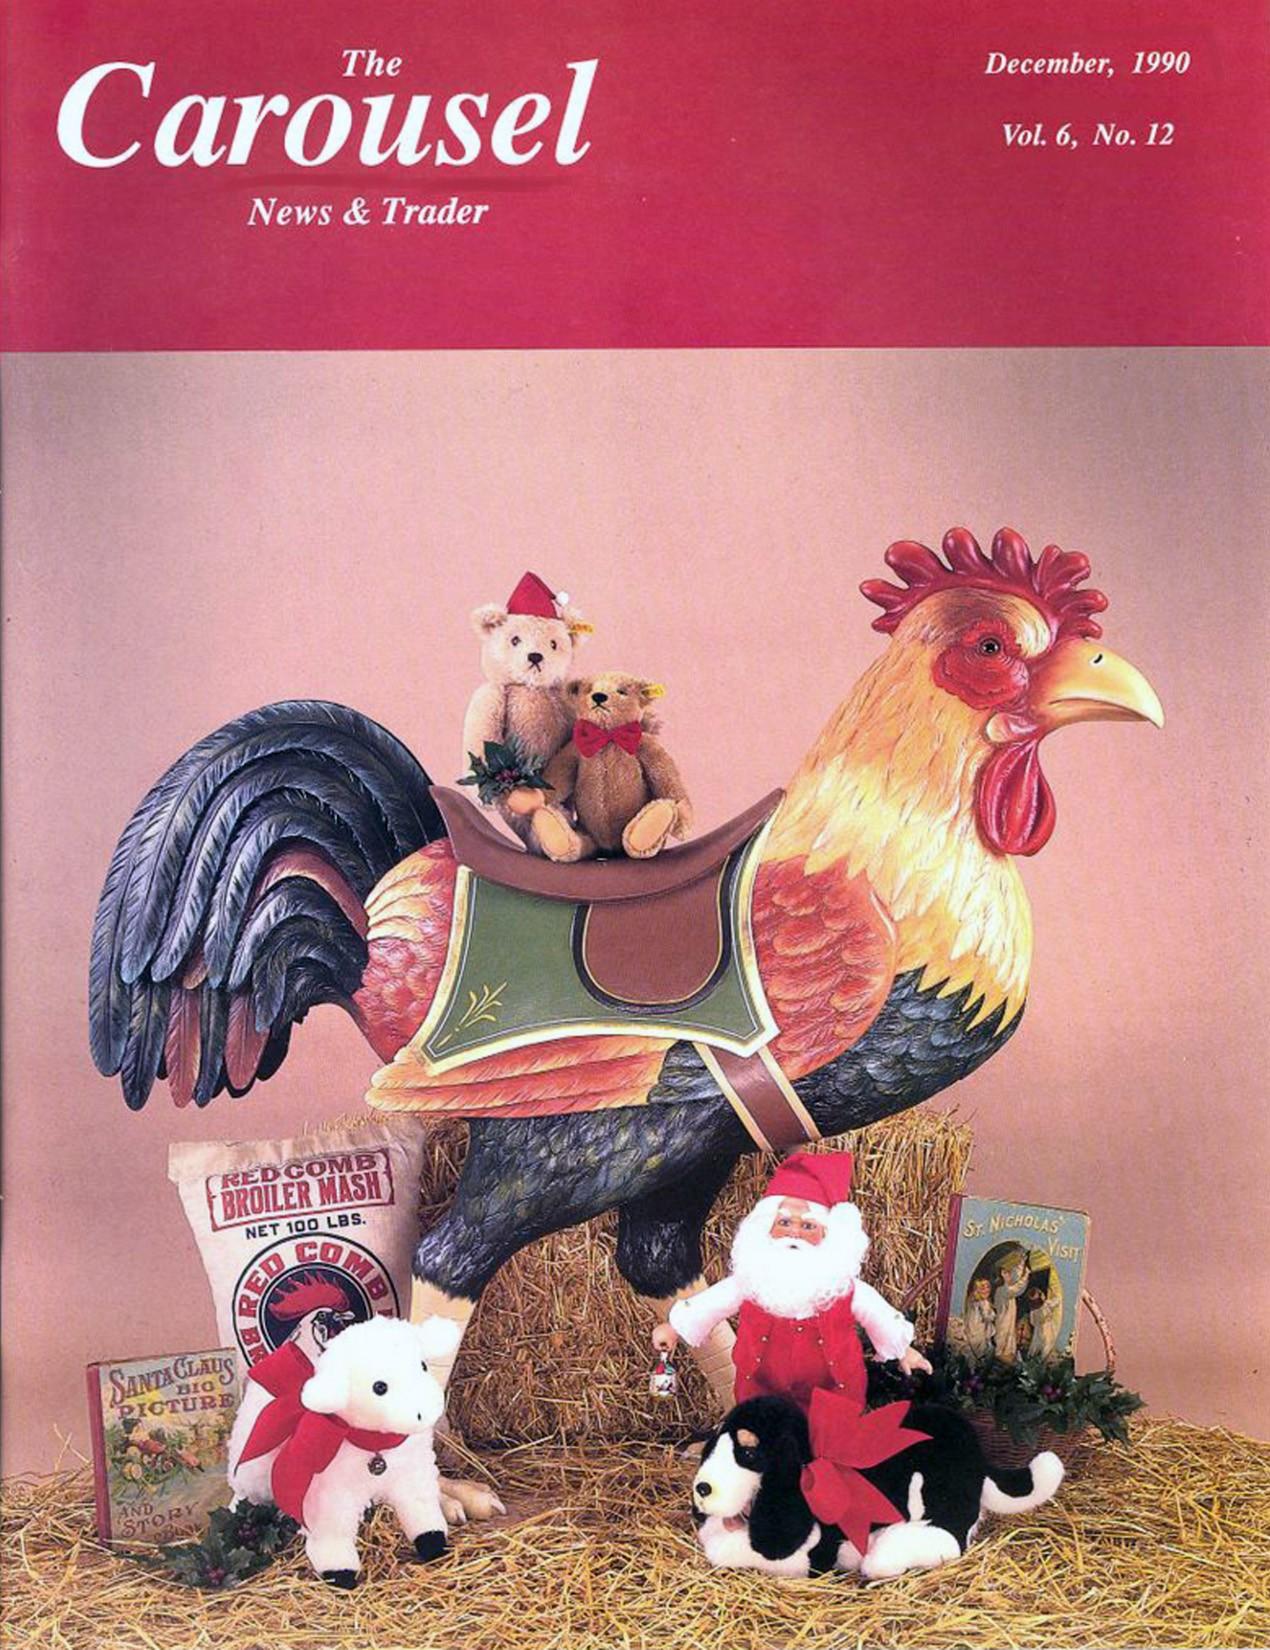 Carousel-News_12_1990-rare-Dentzel-carousel-rooster